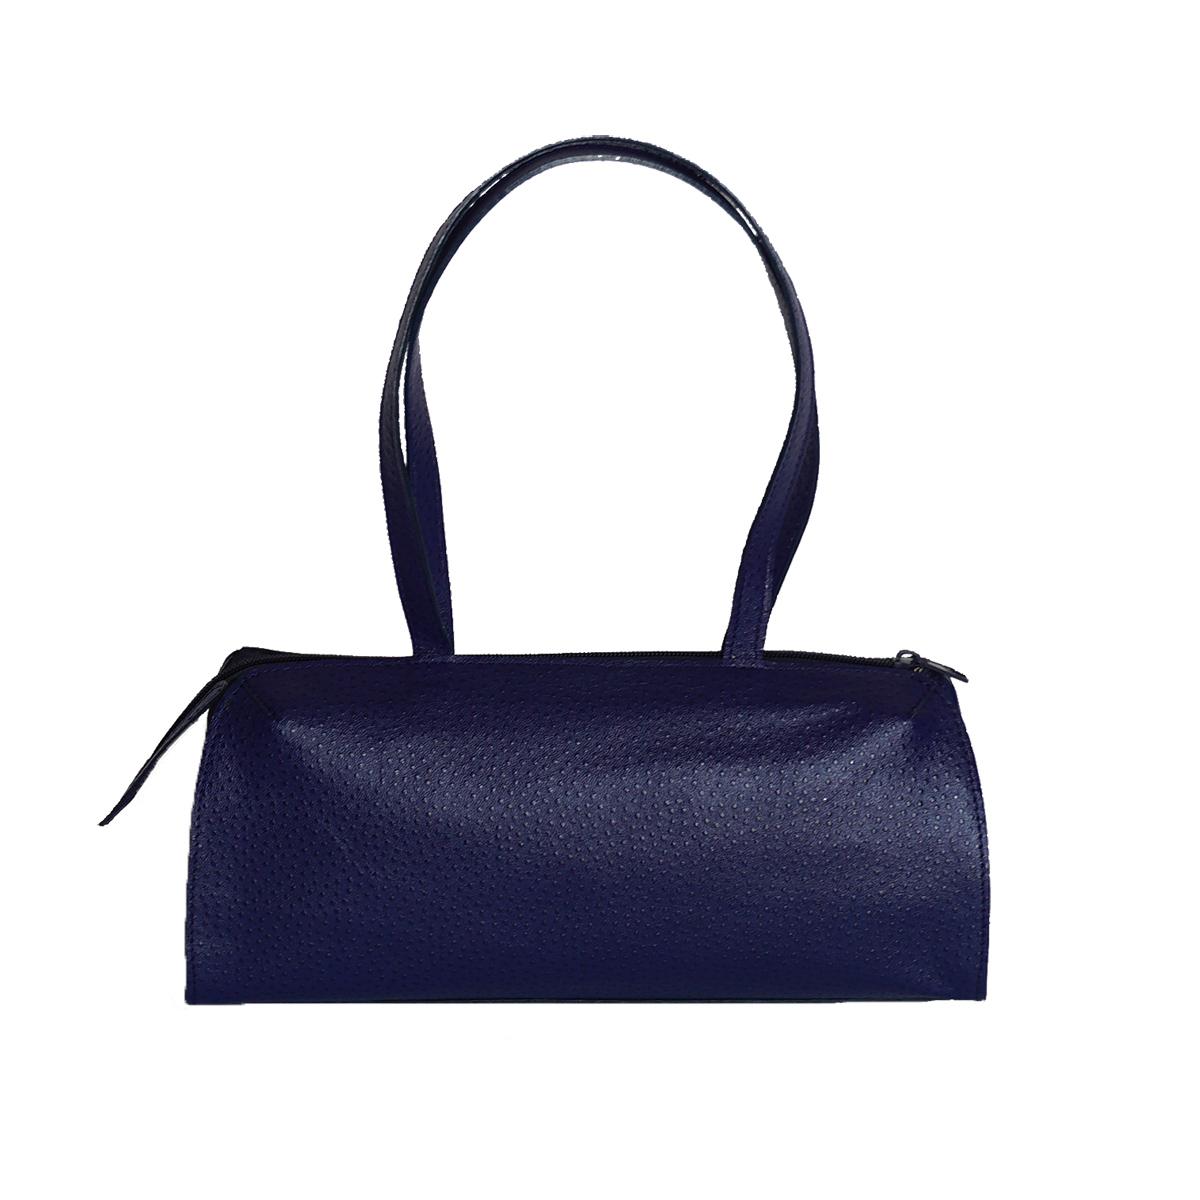 Petit sac bleu roi en cuir façon autruche